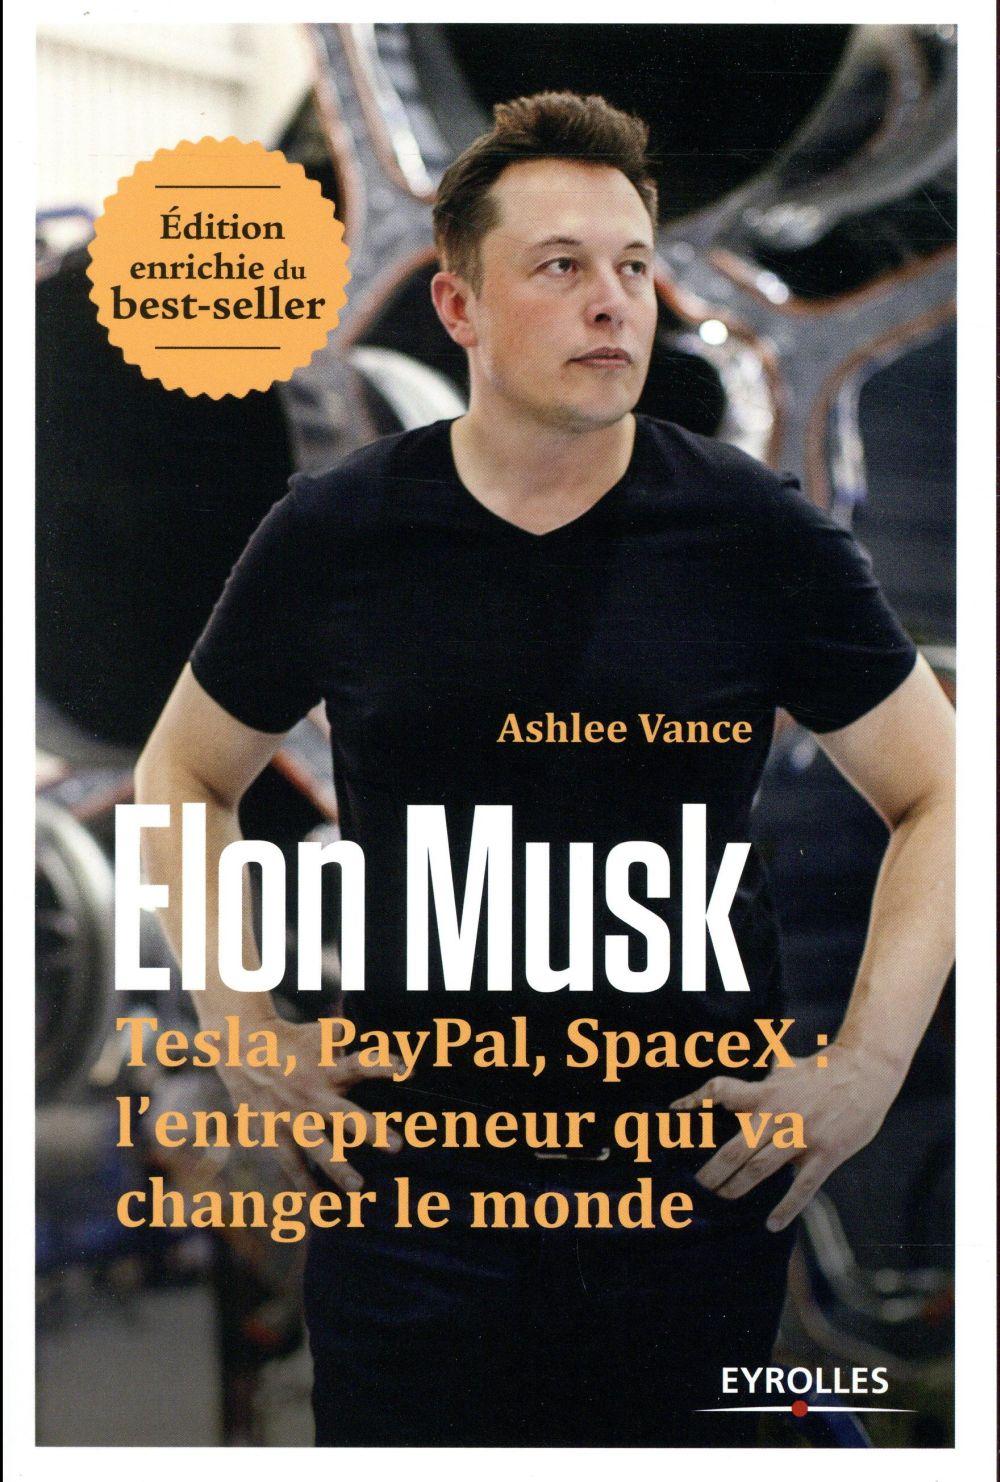 ELON MUSK - TESLA  PAYPAL  SPACEX  L ENTREPRENEUR QUI VA CHANGER LE MONDE  EDITION ENRICHIE